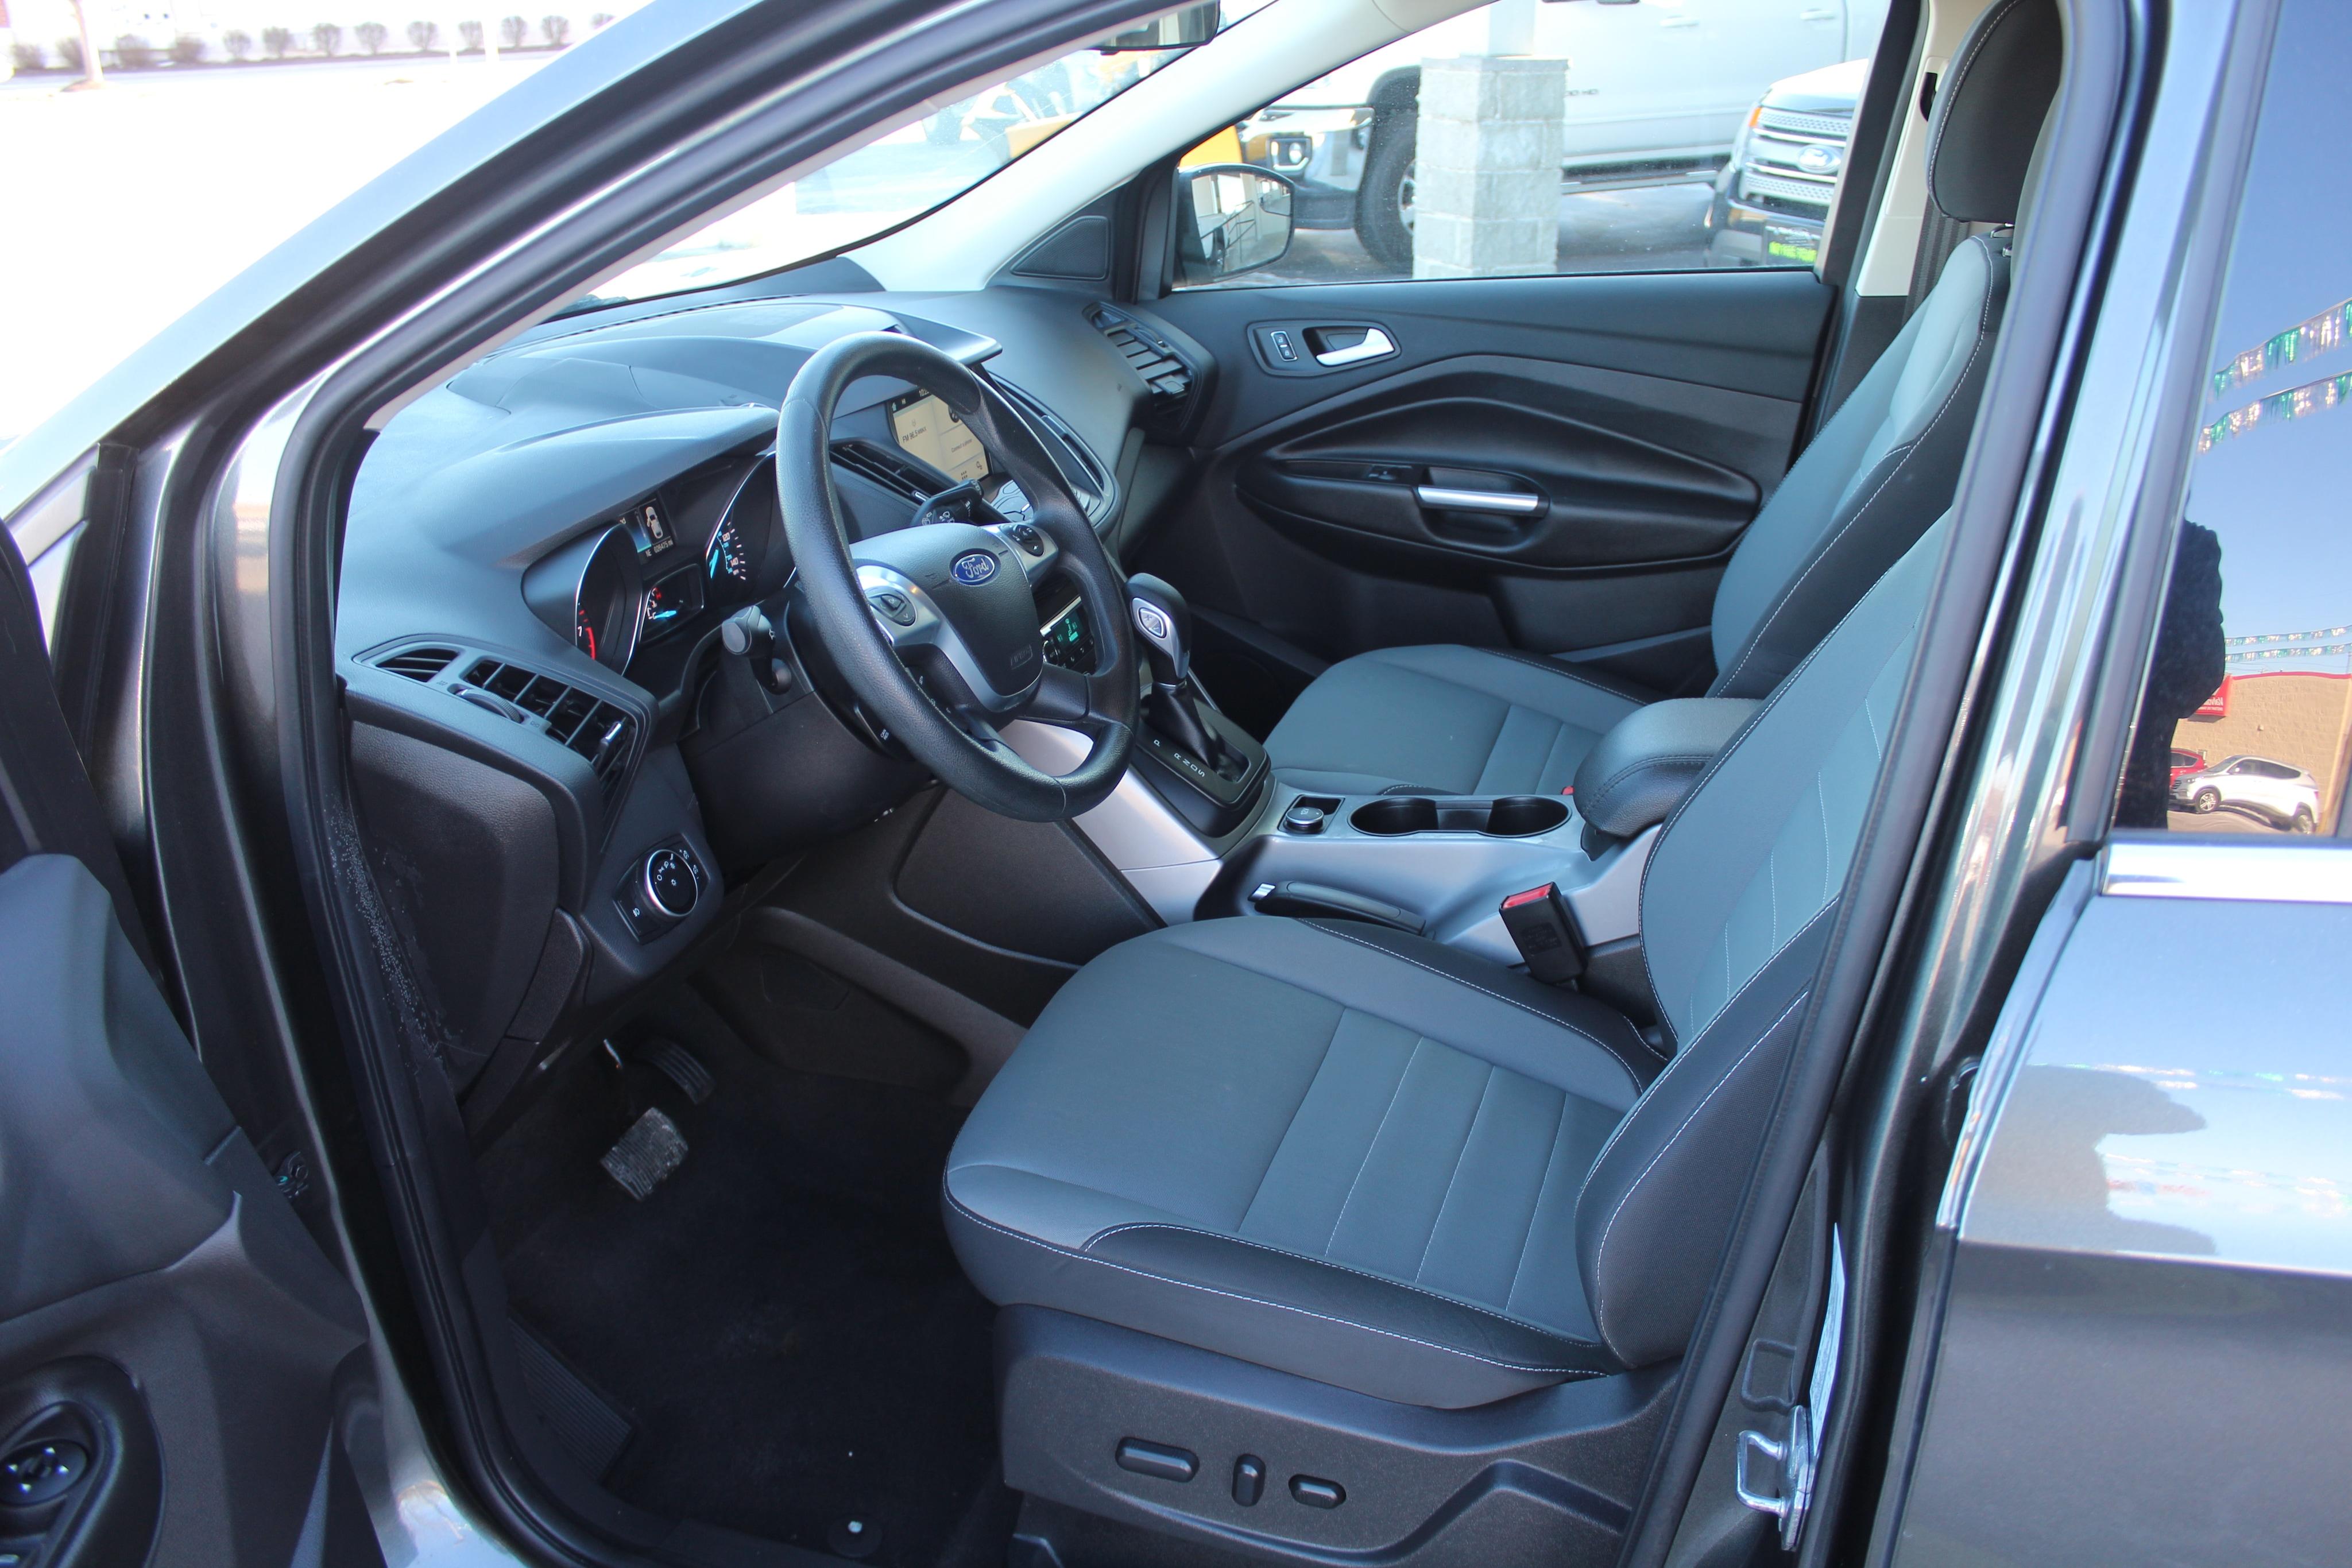 2016 Ford Escape Wagon 4 Dr.